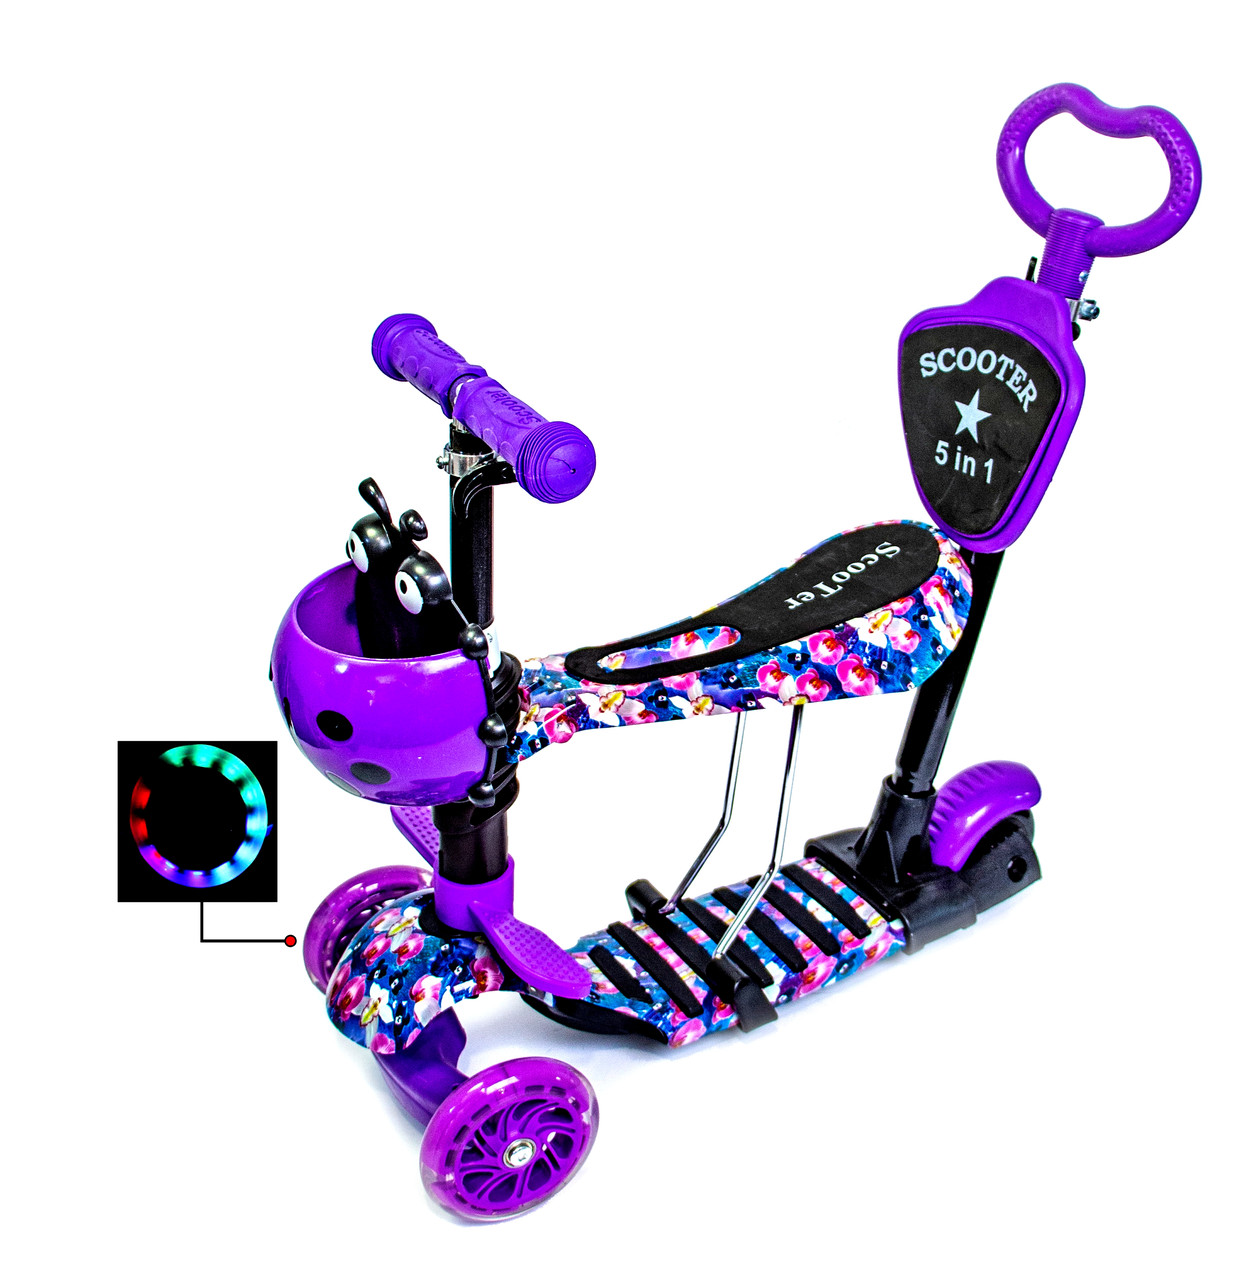 """Самокат Scooter 5in1 """"Орхидея"""" с сиденьем и родительской ручкой"""